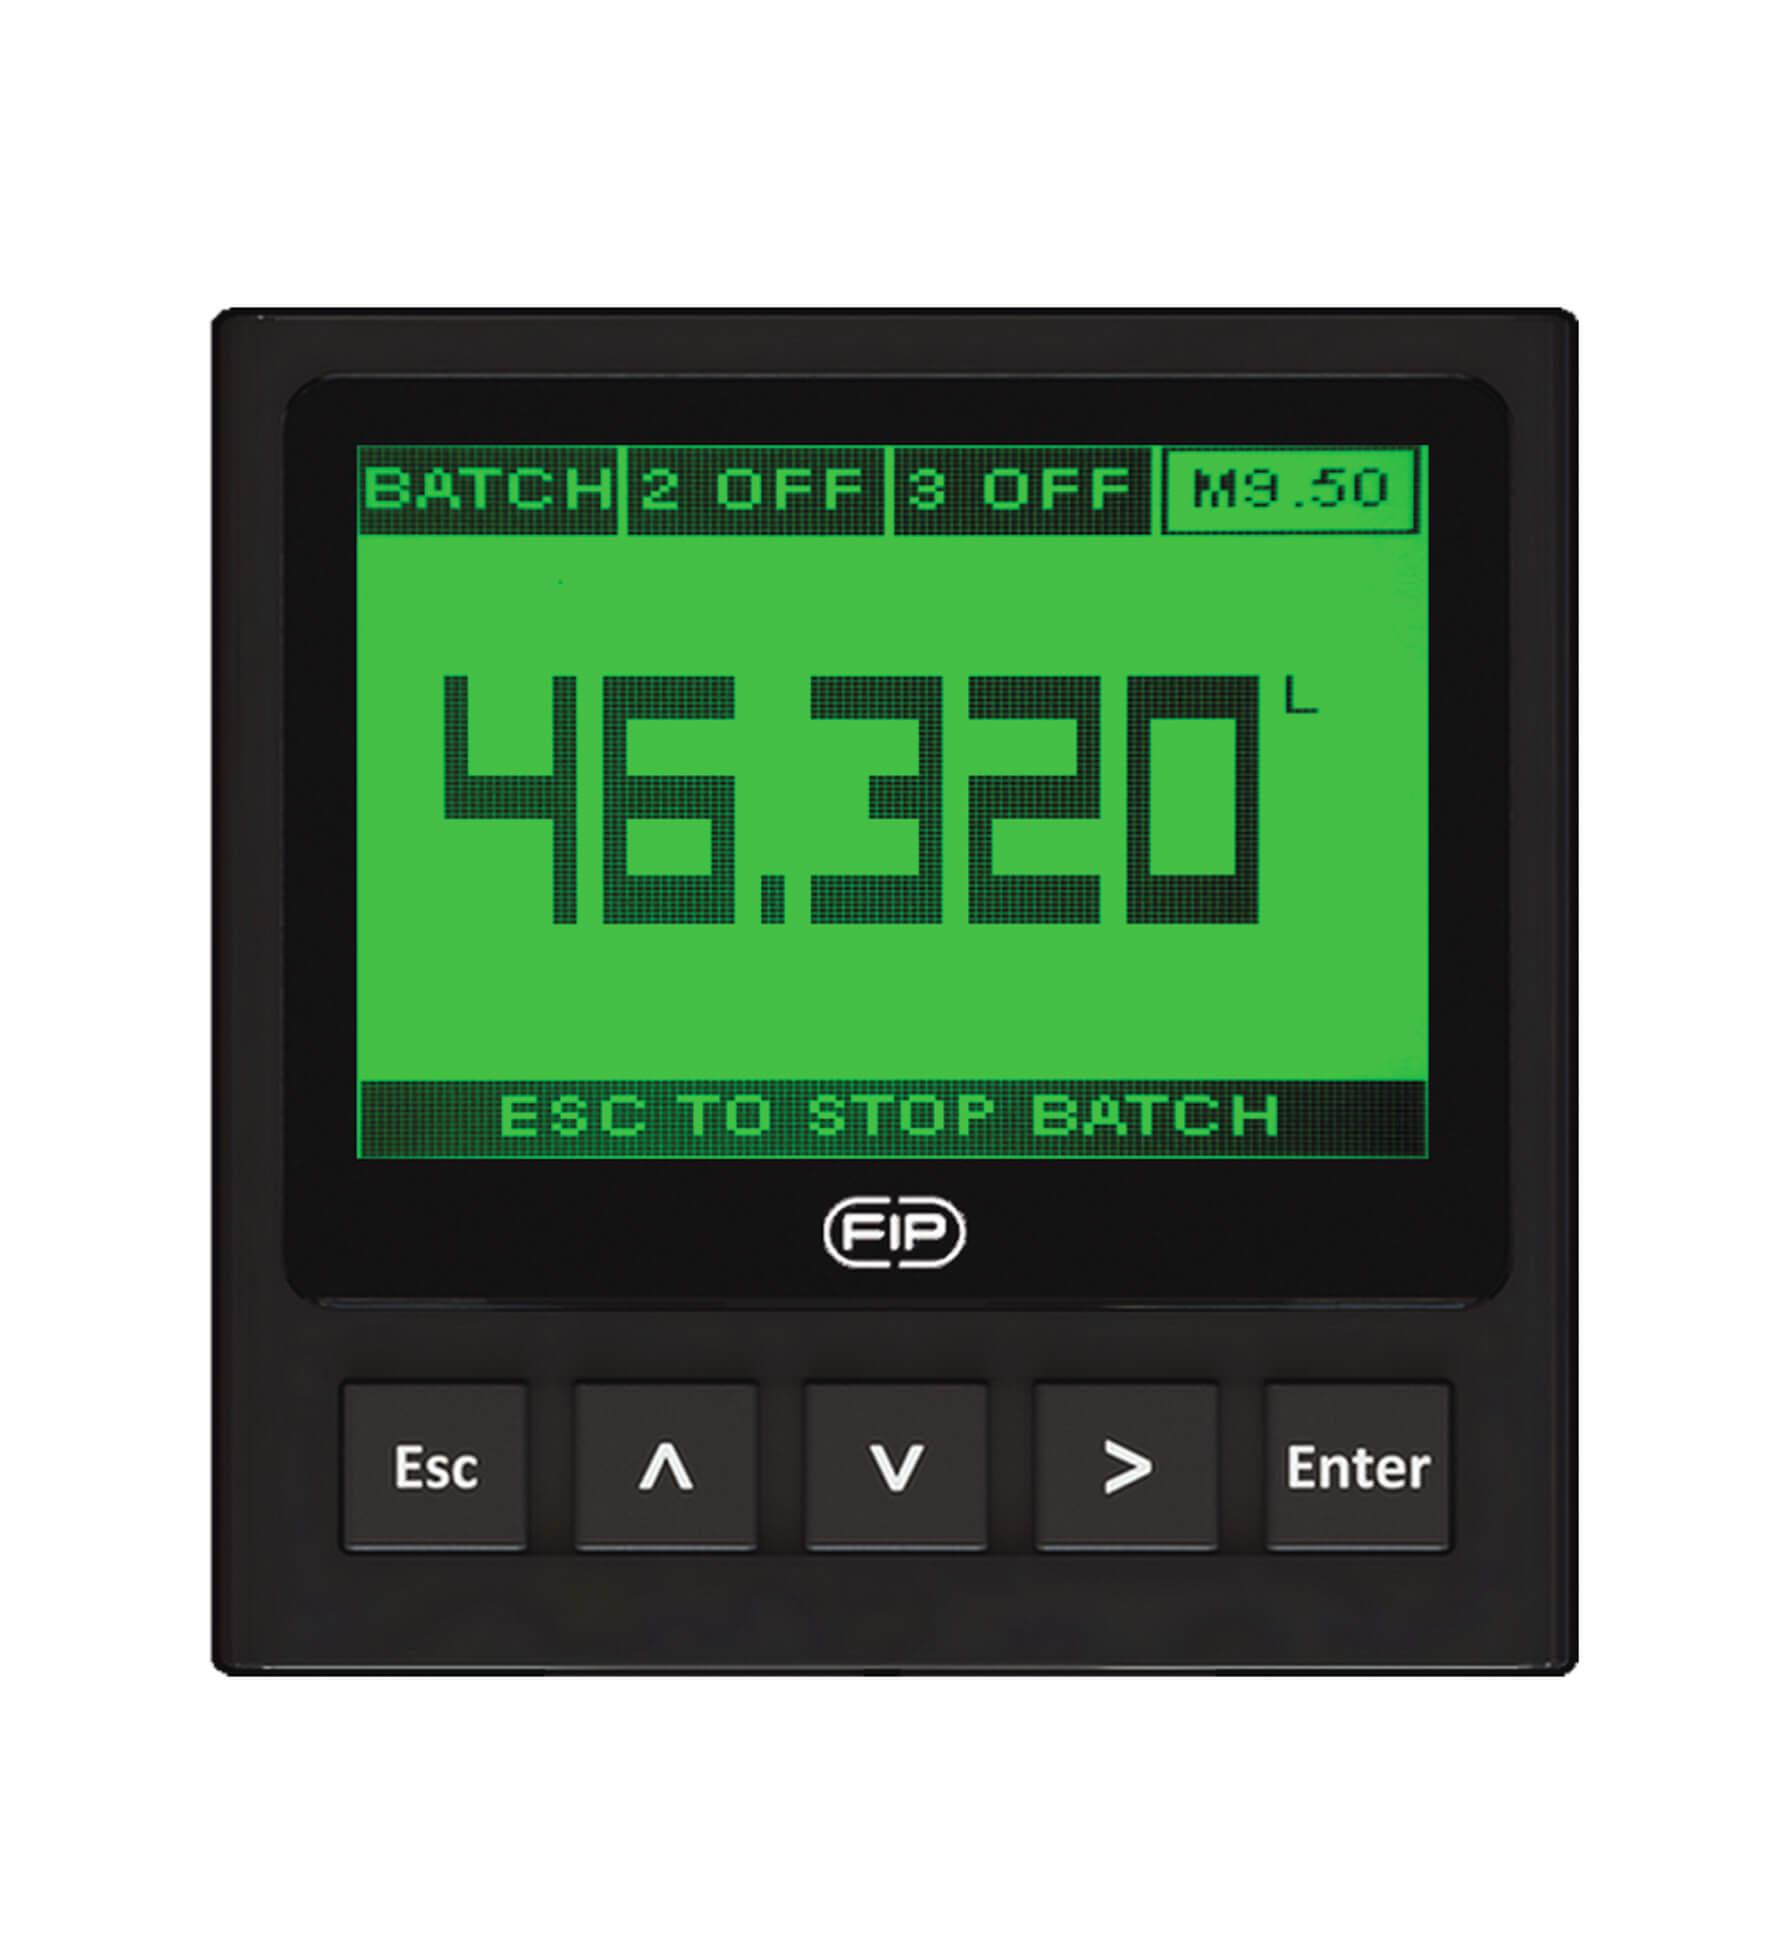 Монитор на два параметра (проводимости и расхода) и преобразователь